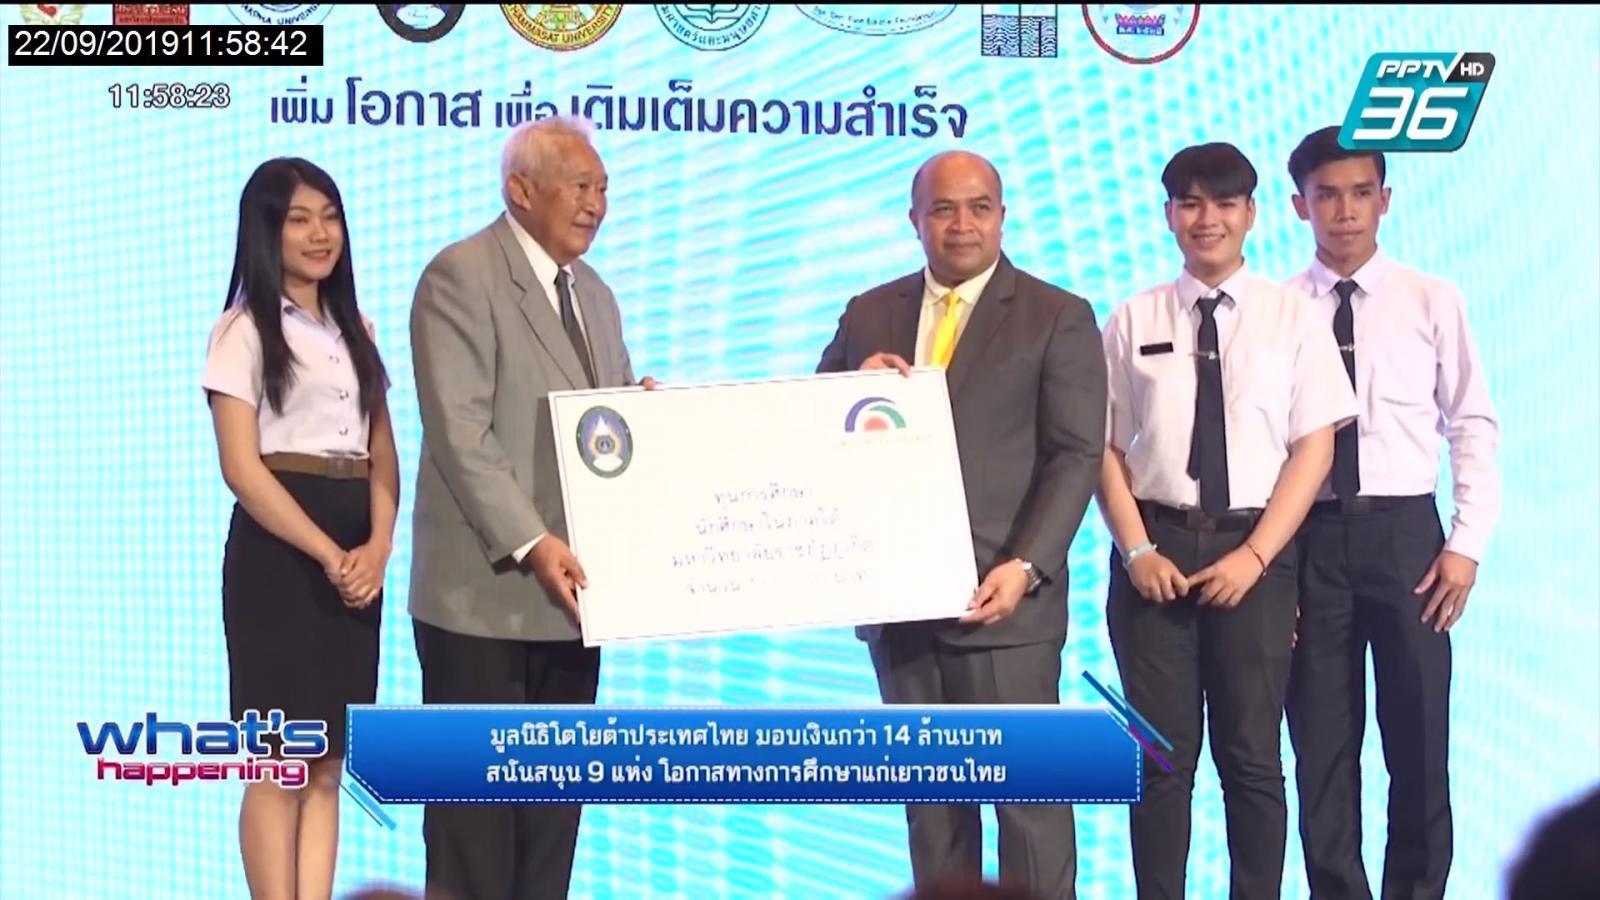 มูลนิธิโตโยต้าประเทศไทย มอบเงินกว่า 14 ล้านบาท